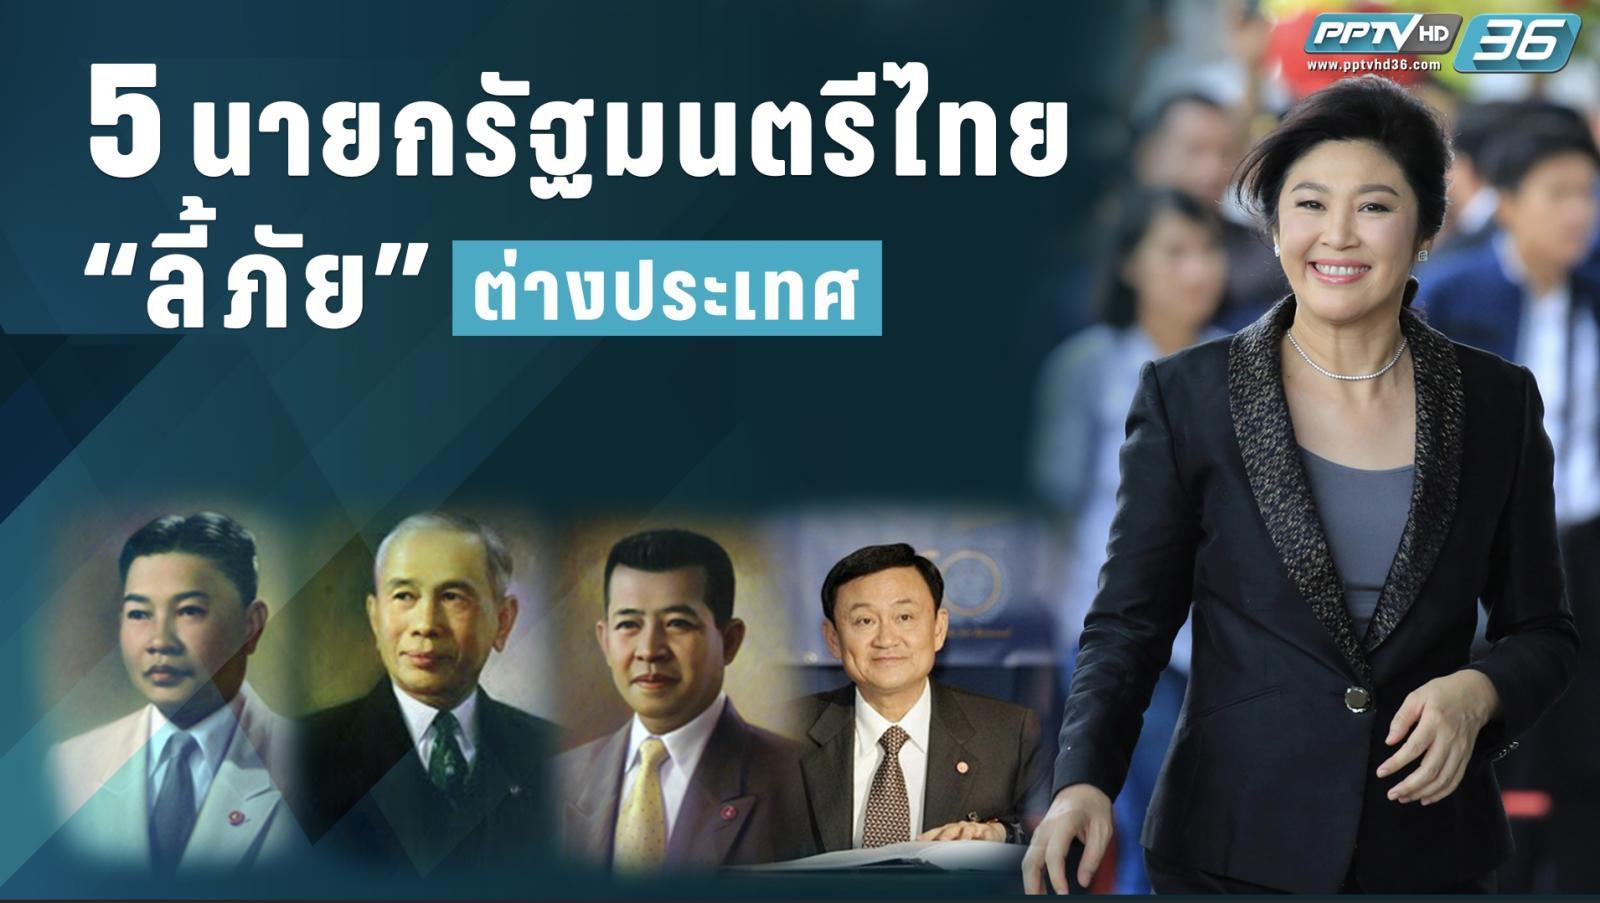 """5 นายกรัฐมนตรีไทย """"ลี้ภัย"""" ต่างประเทศ"""